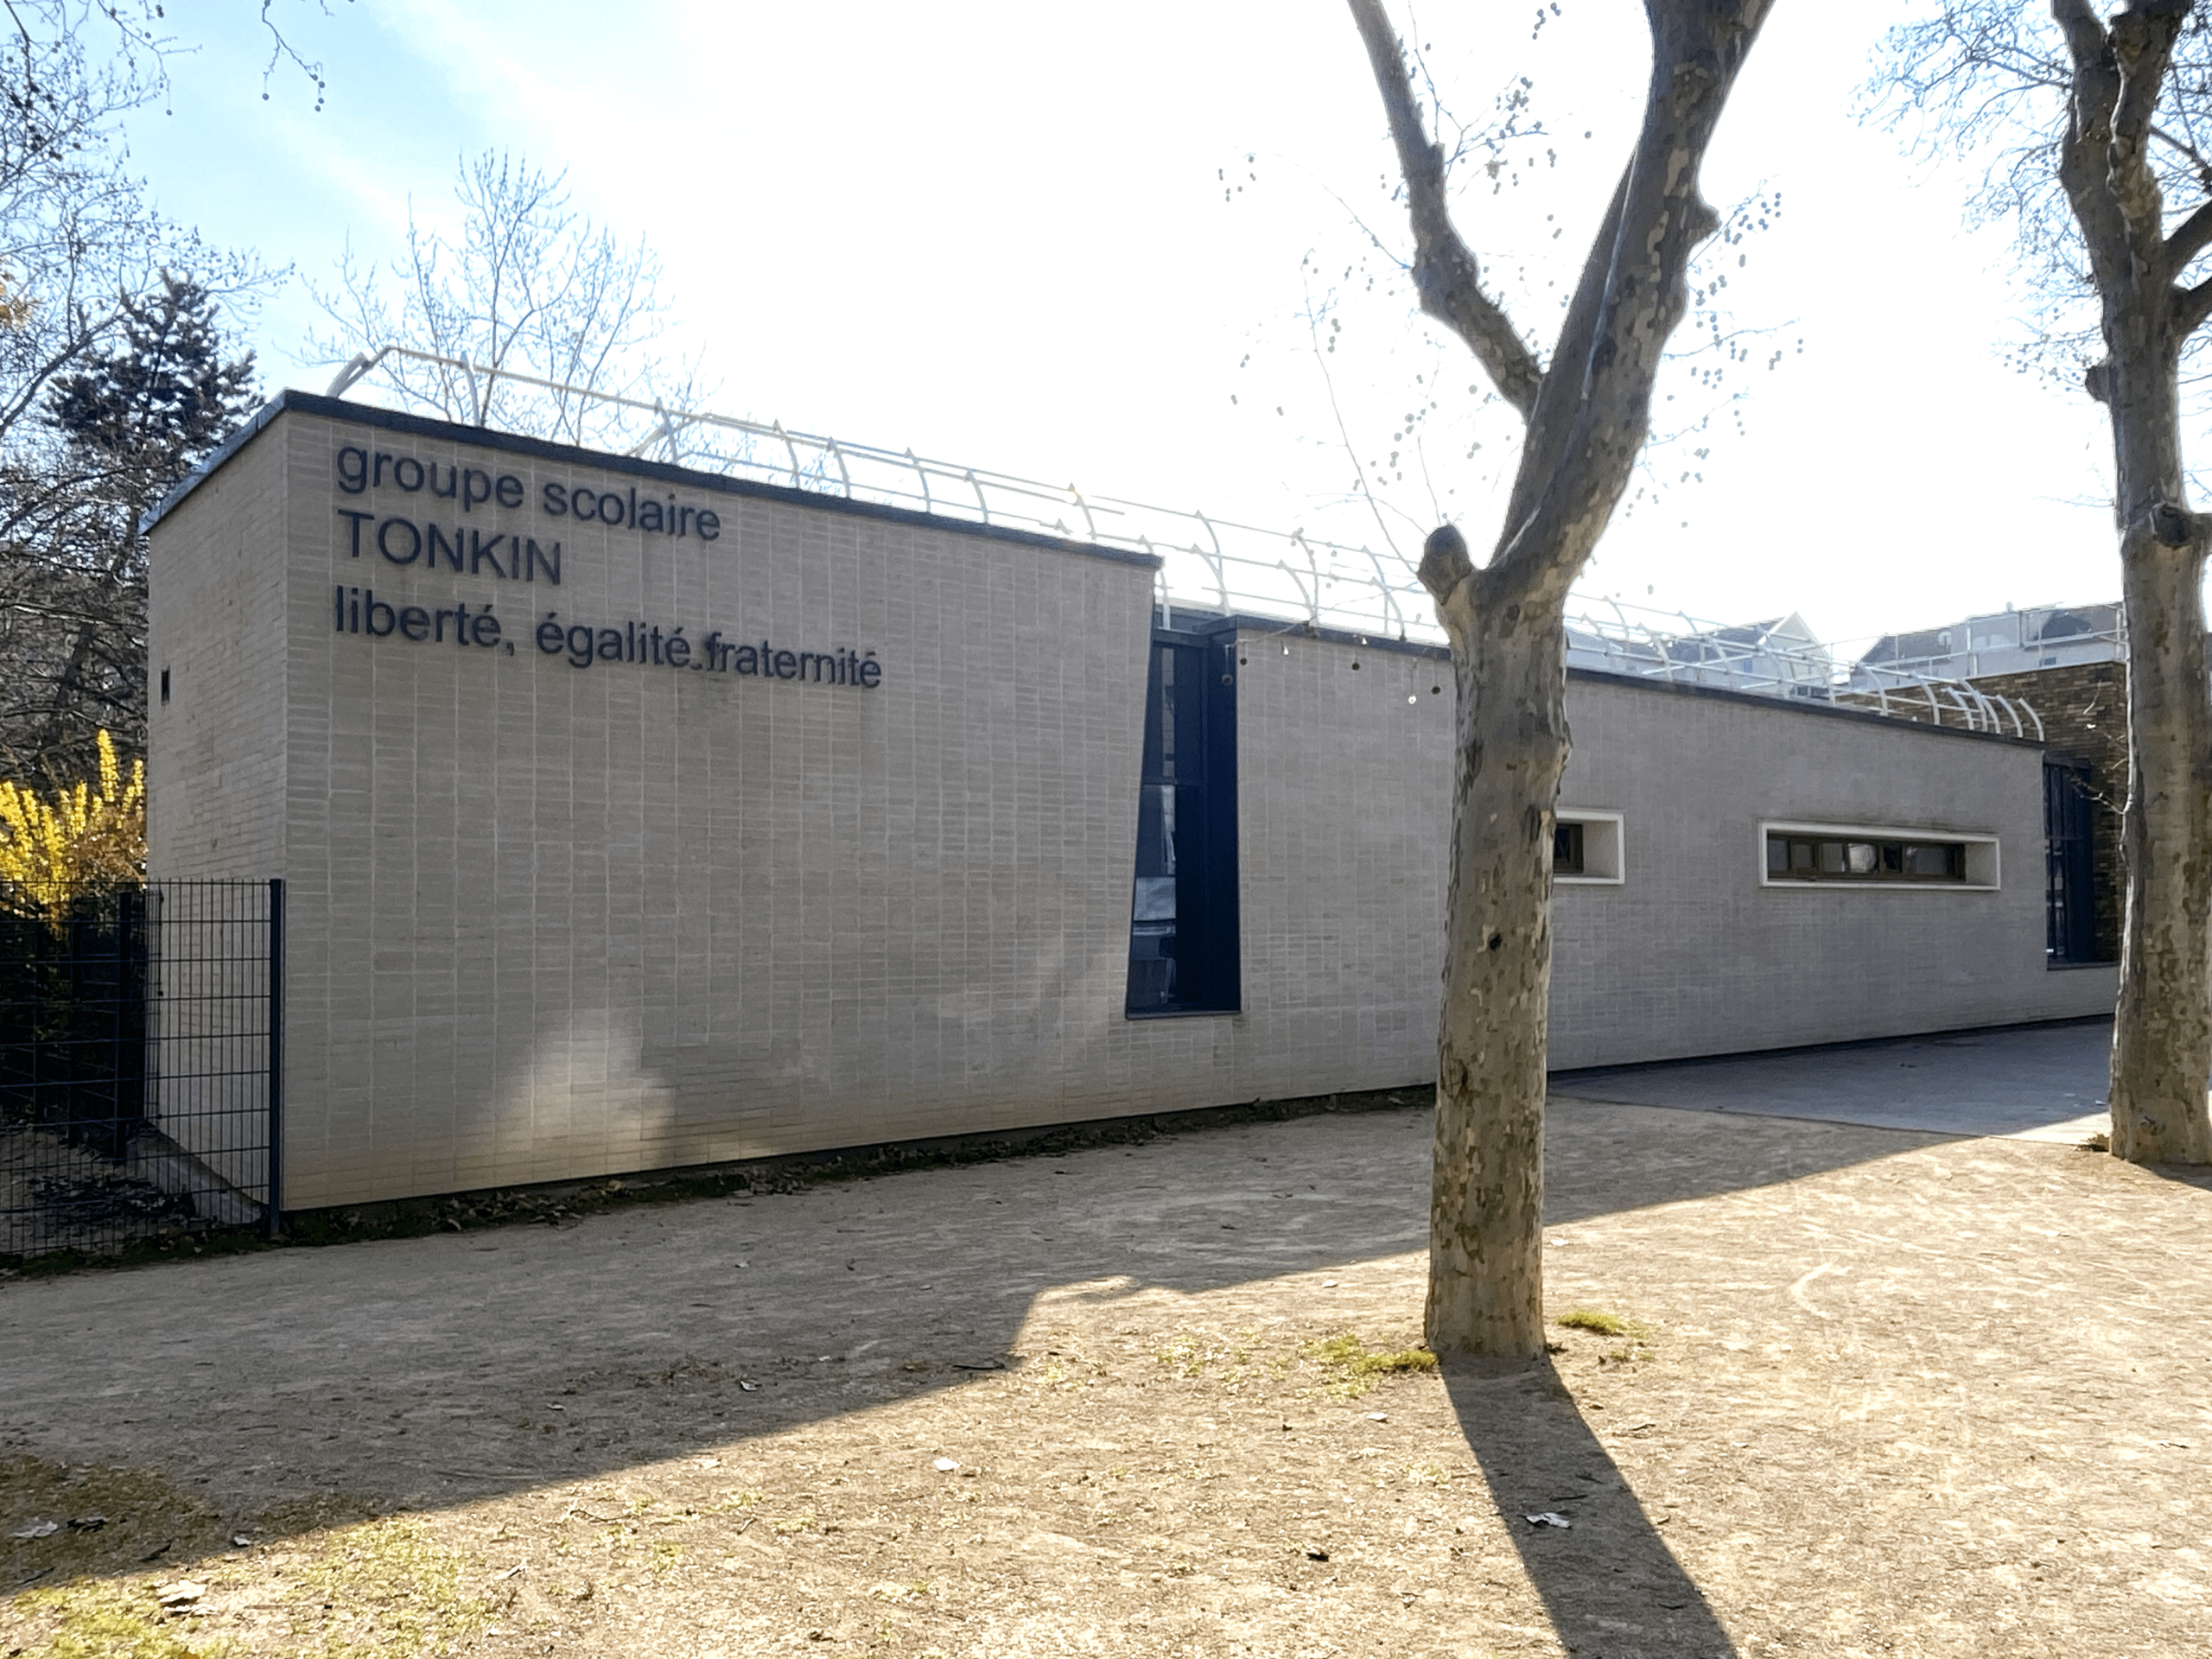 groupe-scolaire-tonkin-facade